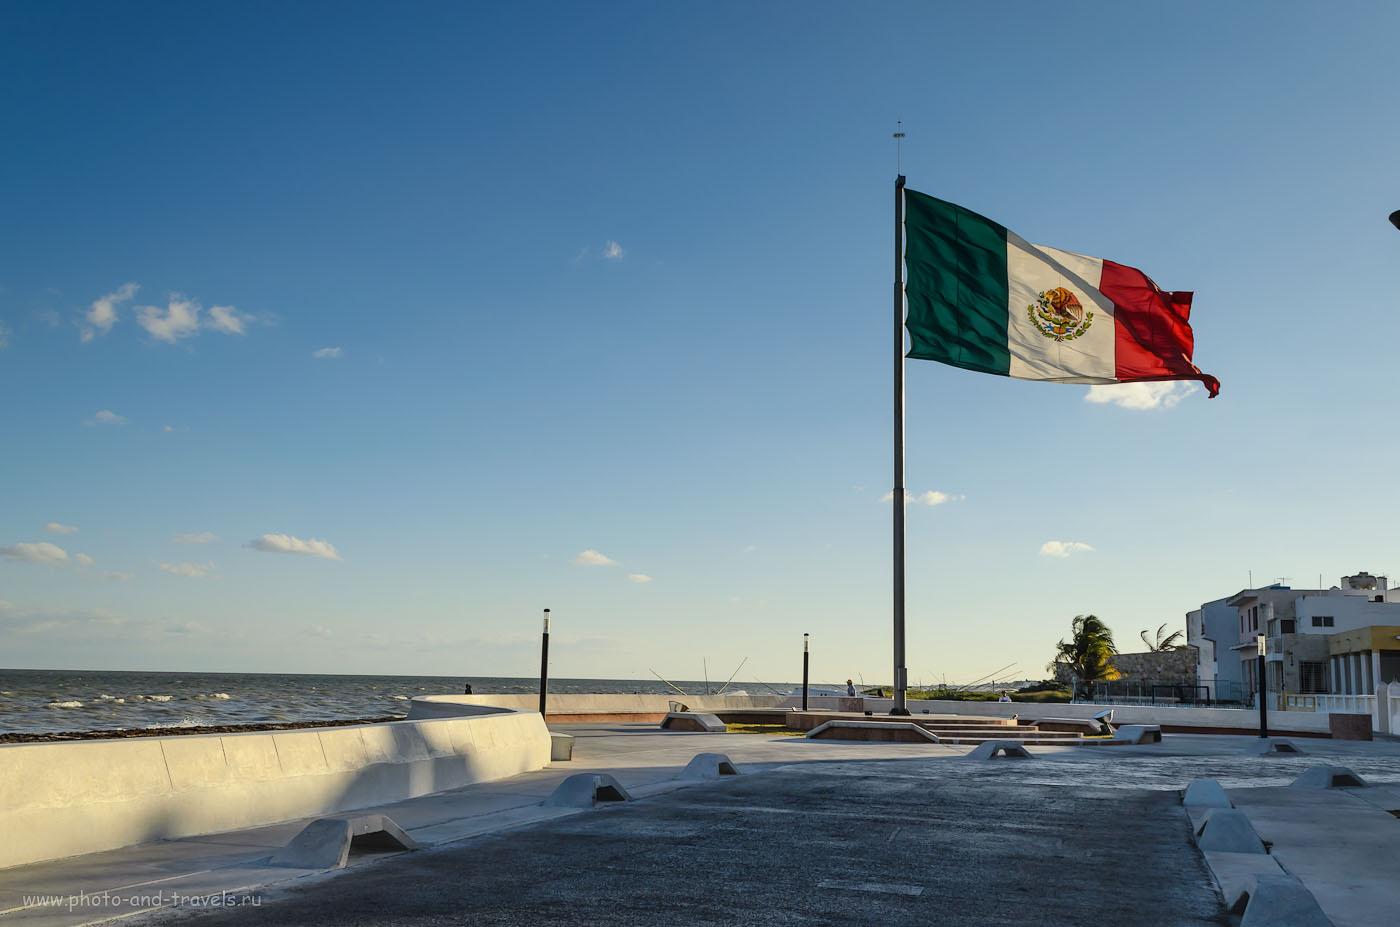 Фото 3. Отдых в Мексике. Флаг на набережной в поселке Прогресо (Progreso), что недалеко от города Мерида. Отзывы туристов об аренде машины и путешествии по стране дикарями. Камера Nikon D5100 KIT 18-55. Настройки: выдержка 1/200, диафрагма f/13, фокусное расстяние 23 мм, ISO 100.